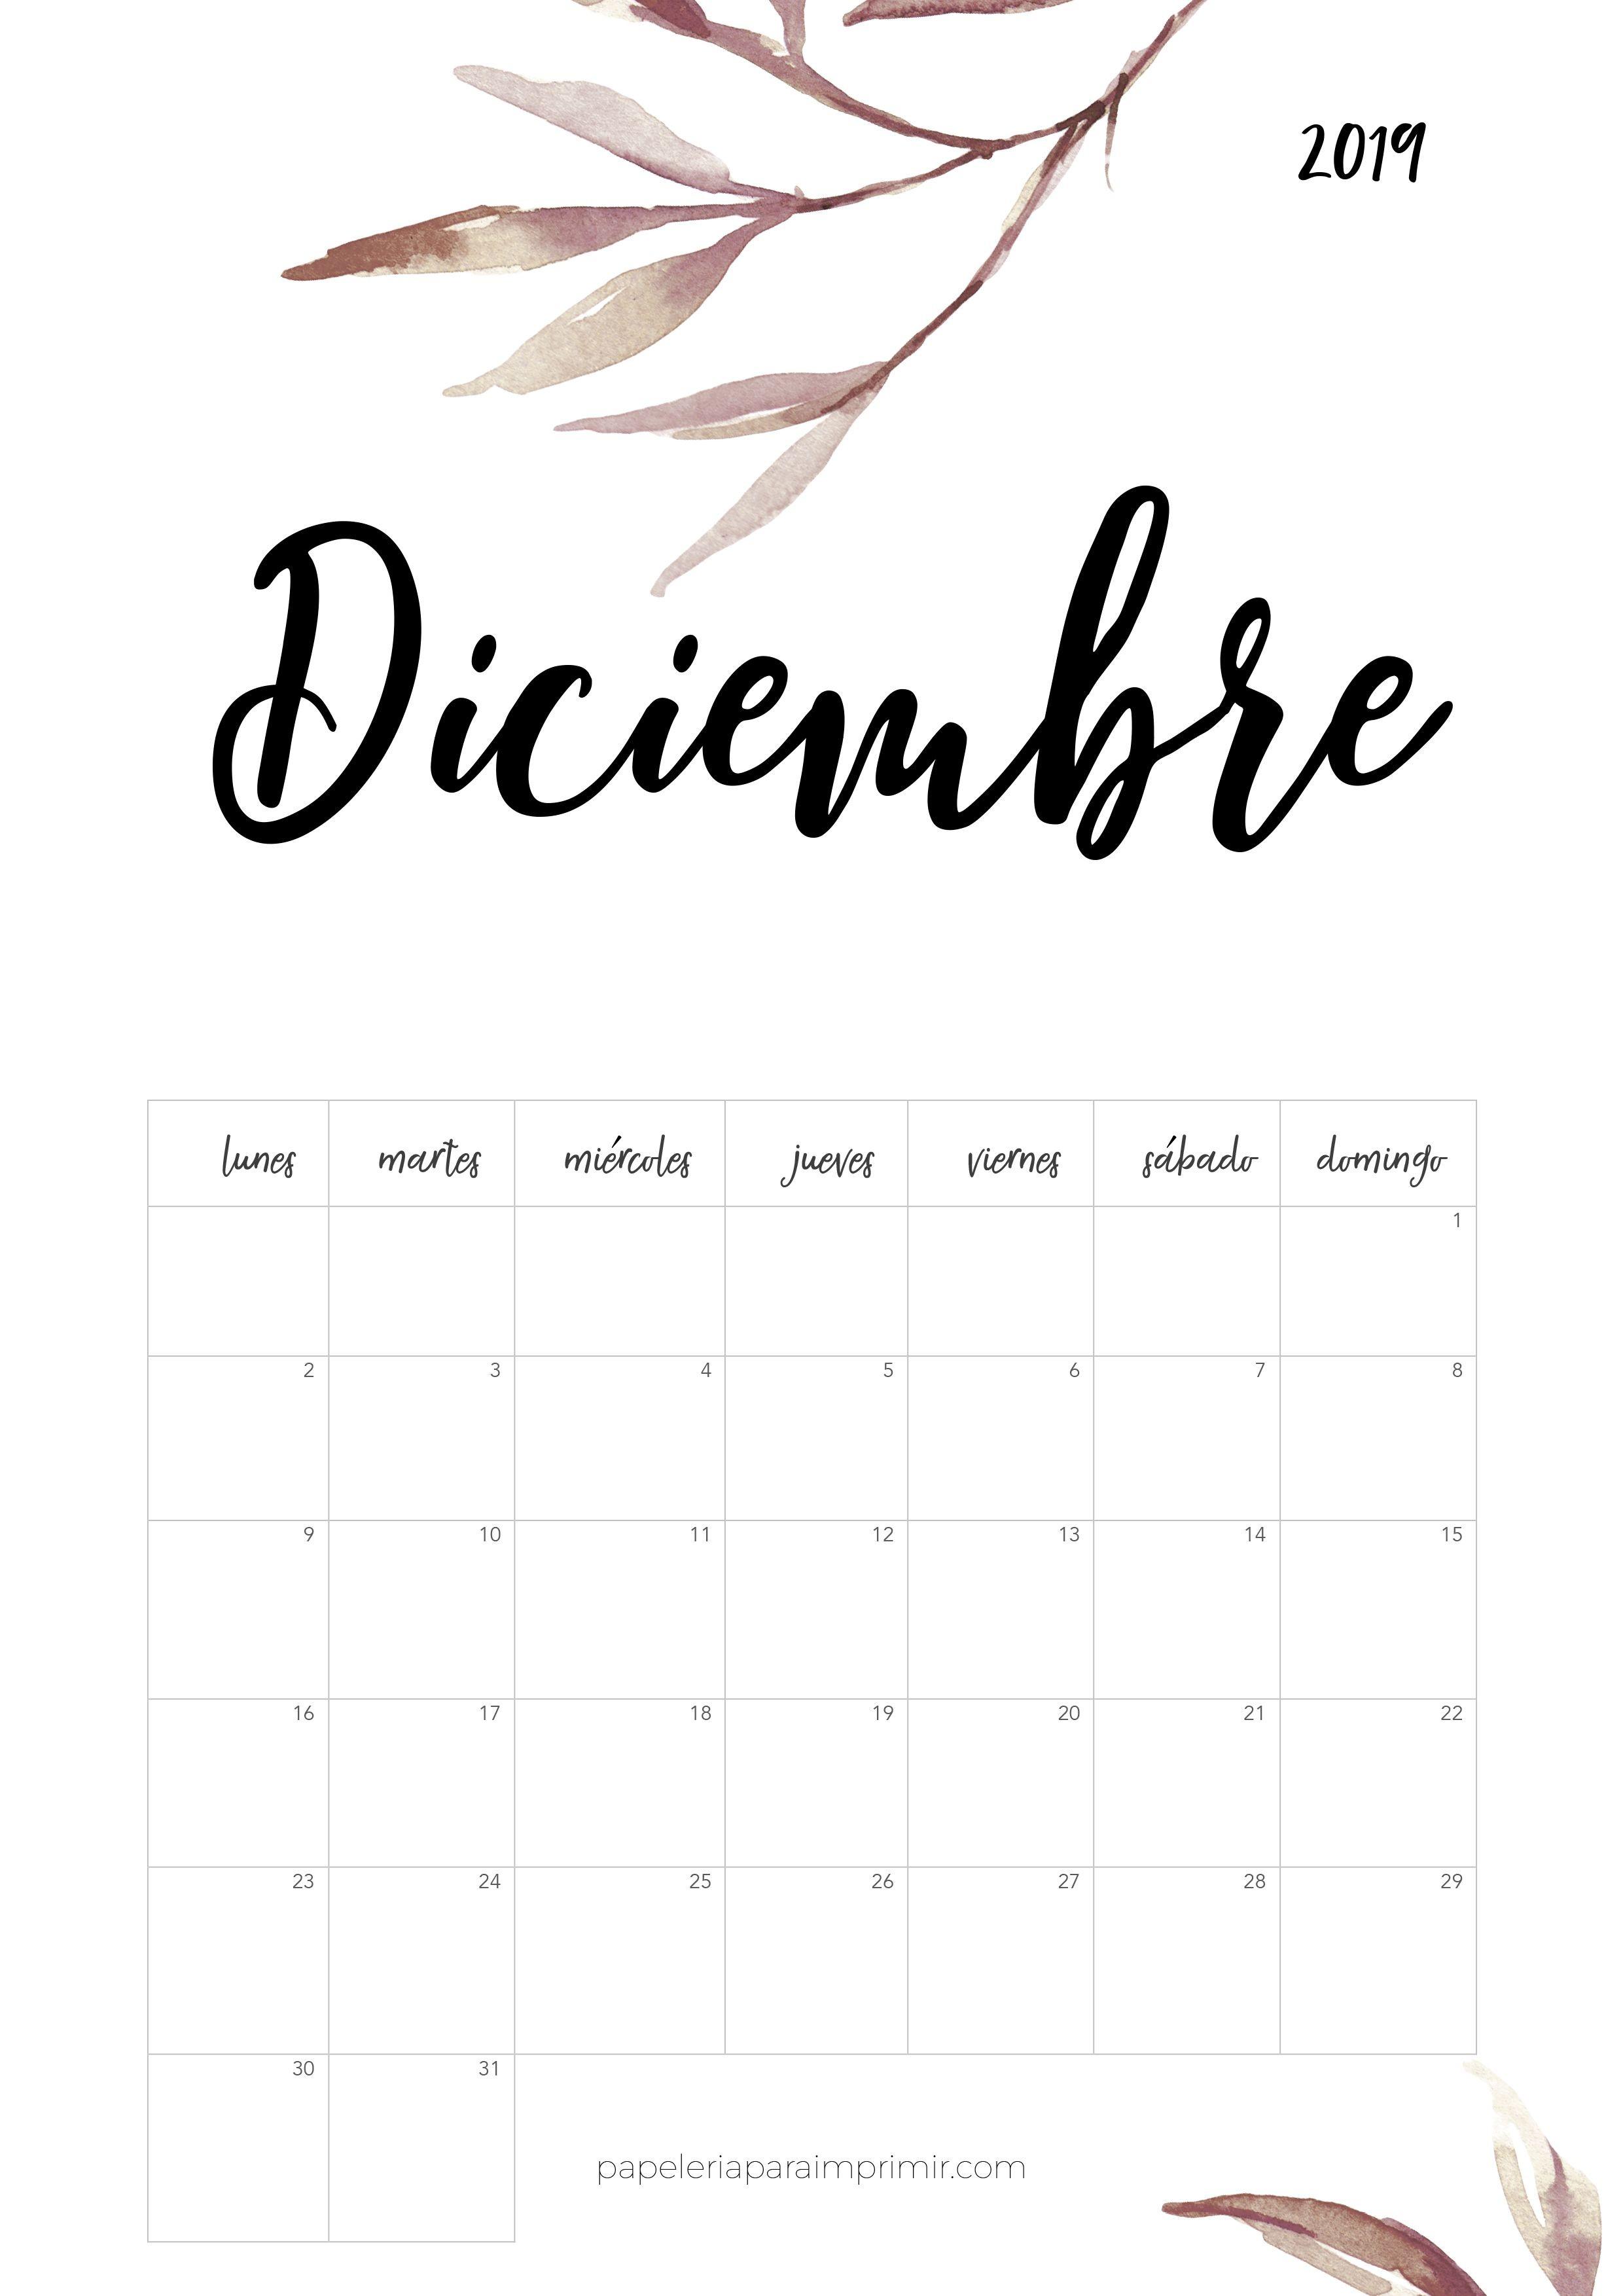 Calendario Para Imprimir Septiembre De 2019 Recientes Cecilia ordo±ez Guillen Ceciliaordg En Pinterest Of Calendario Para Imprimir Septiembre De 2019 Más Caliente 255 Mejores Imágenes De Agenda En 2019